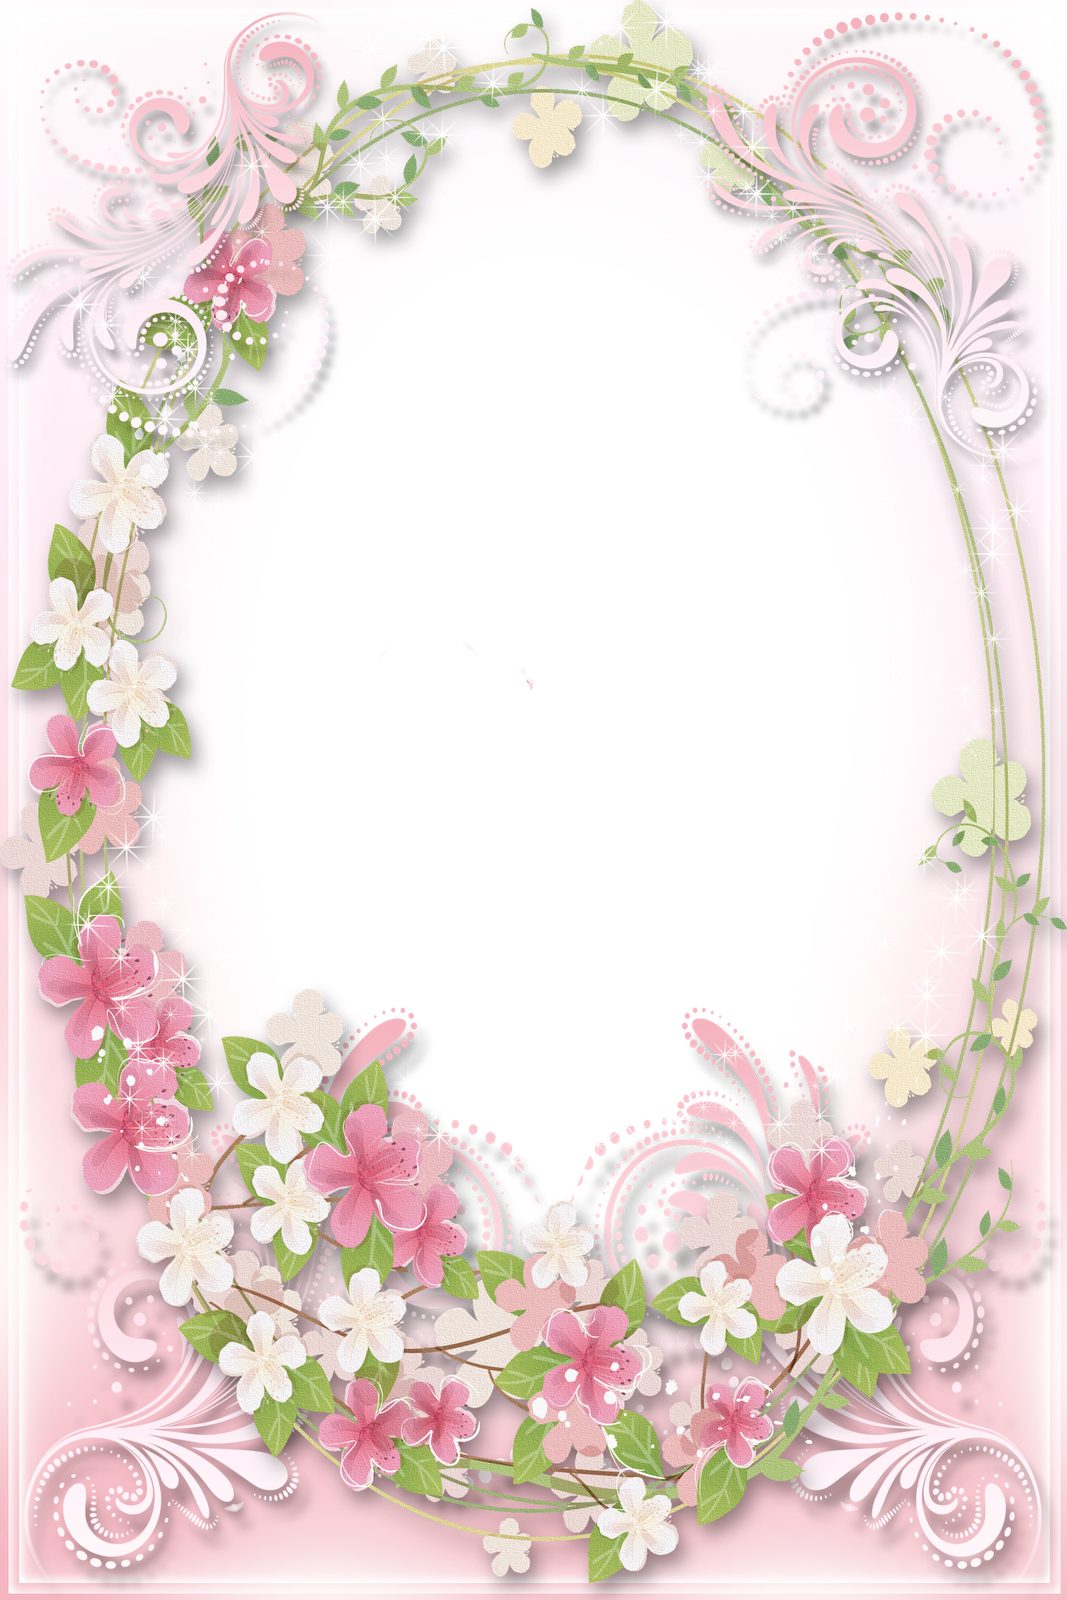 Transparent Soft Pink Flowers Frame Imagens vintage